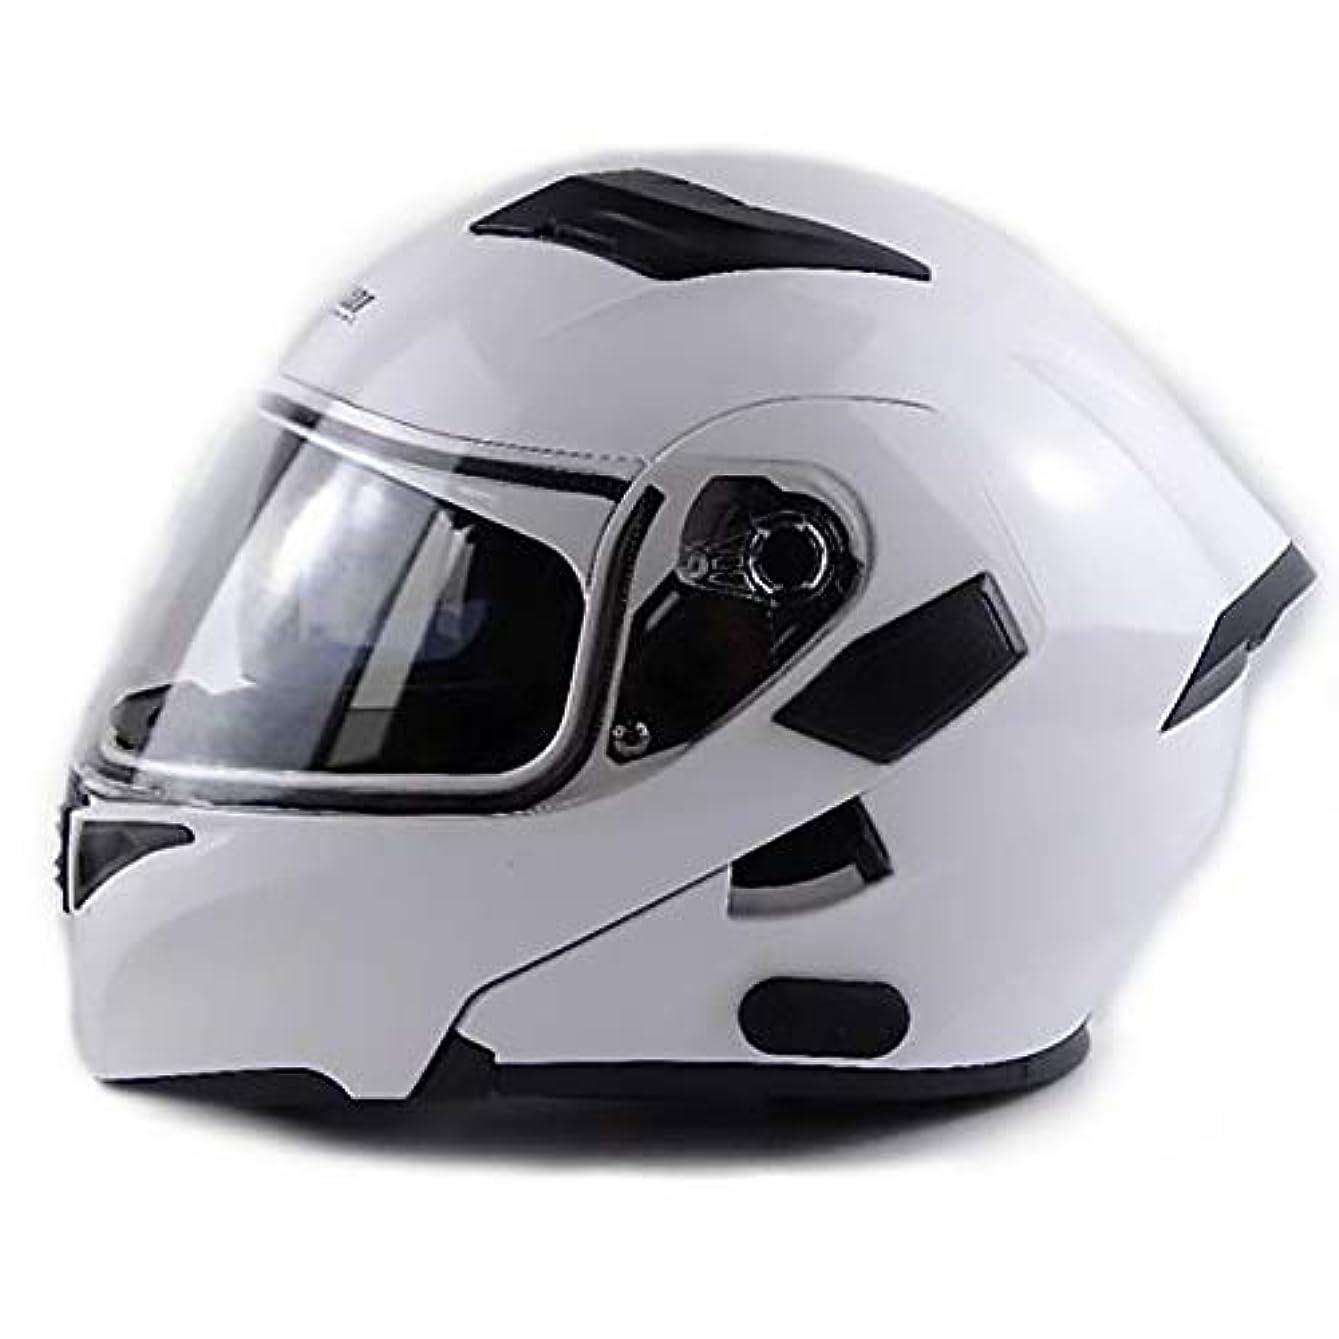 悪用魅力的であることへのアピール直立Safety ホワイトABSプラガブルメモリカード多機能bluetoothアダルトサイクリング電気自動車オートバイヘルメットサイクリングマウンテンバイク安全ヘルメット屋外サイクリング機器 (Size : XL)